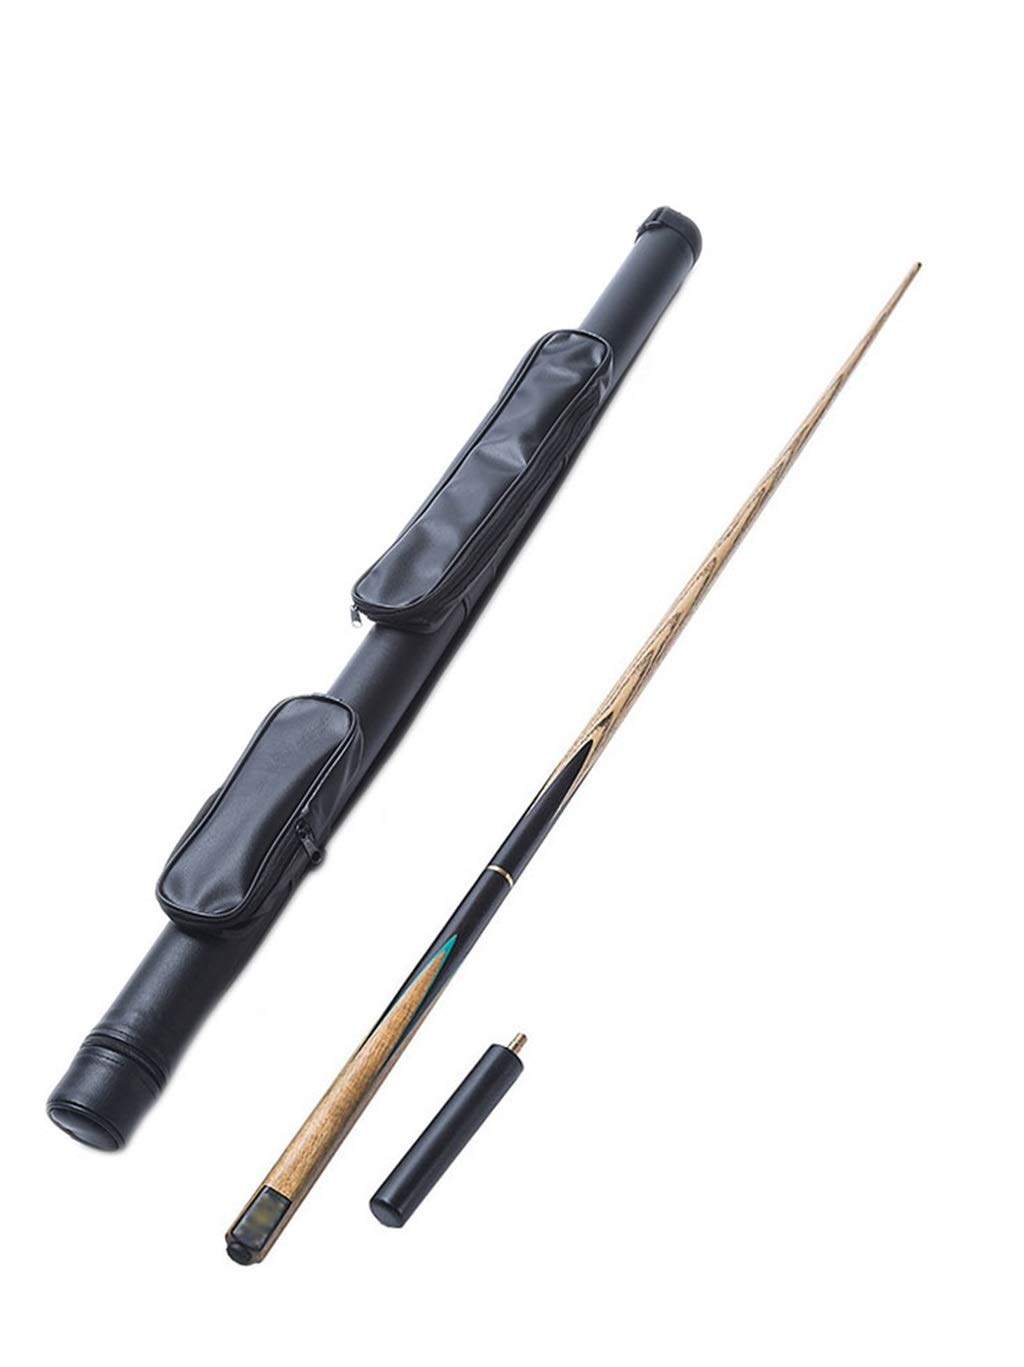 Lcrod プールの合図 手作り なめらか 強力な ストレートロッド 丈夫 灰 木の棒 にとって スヌーカー 初心者 クラブ (Color : B) B